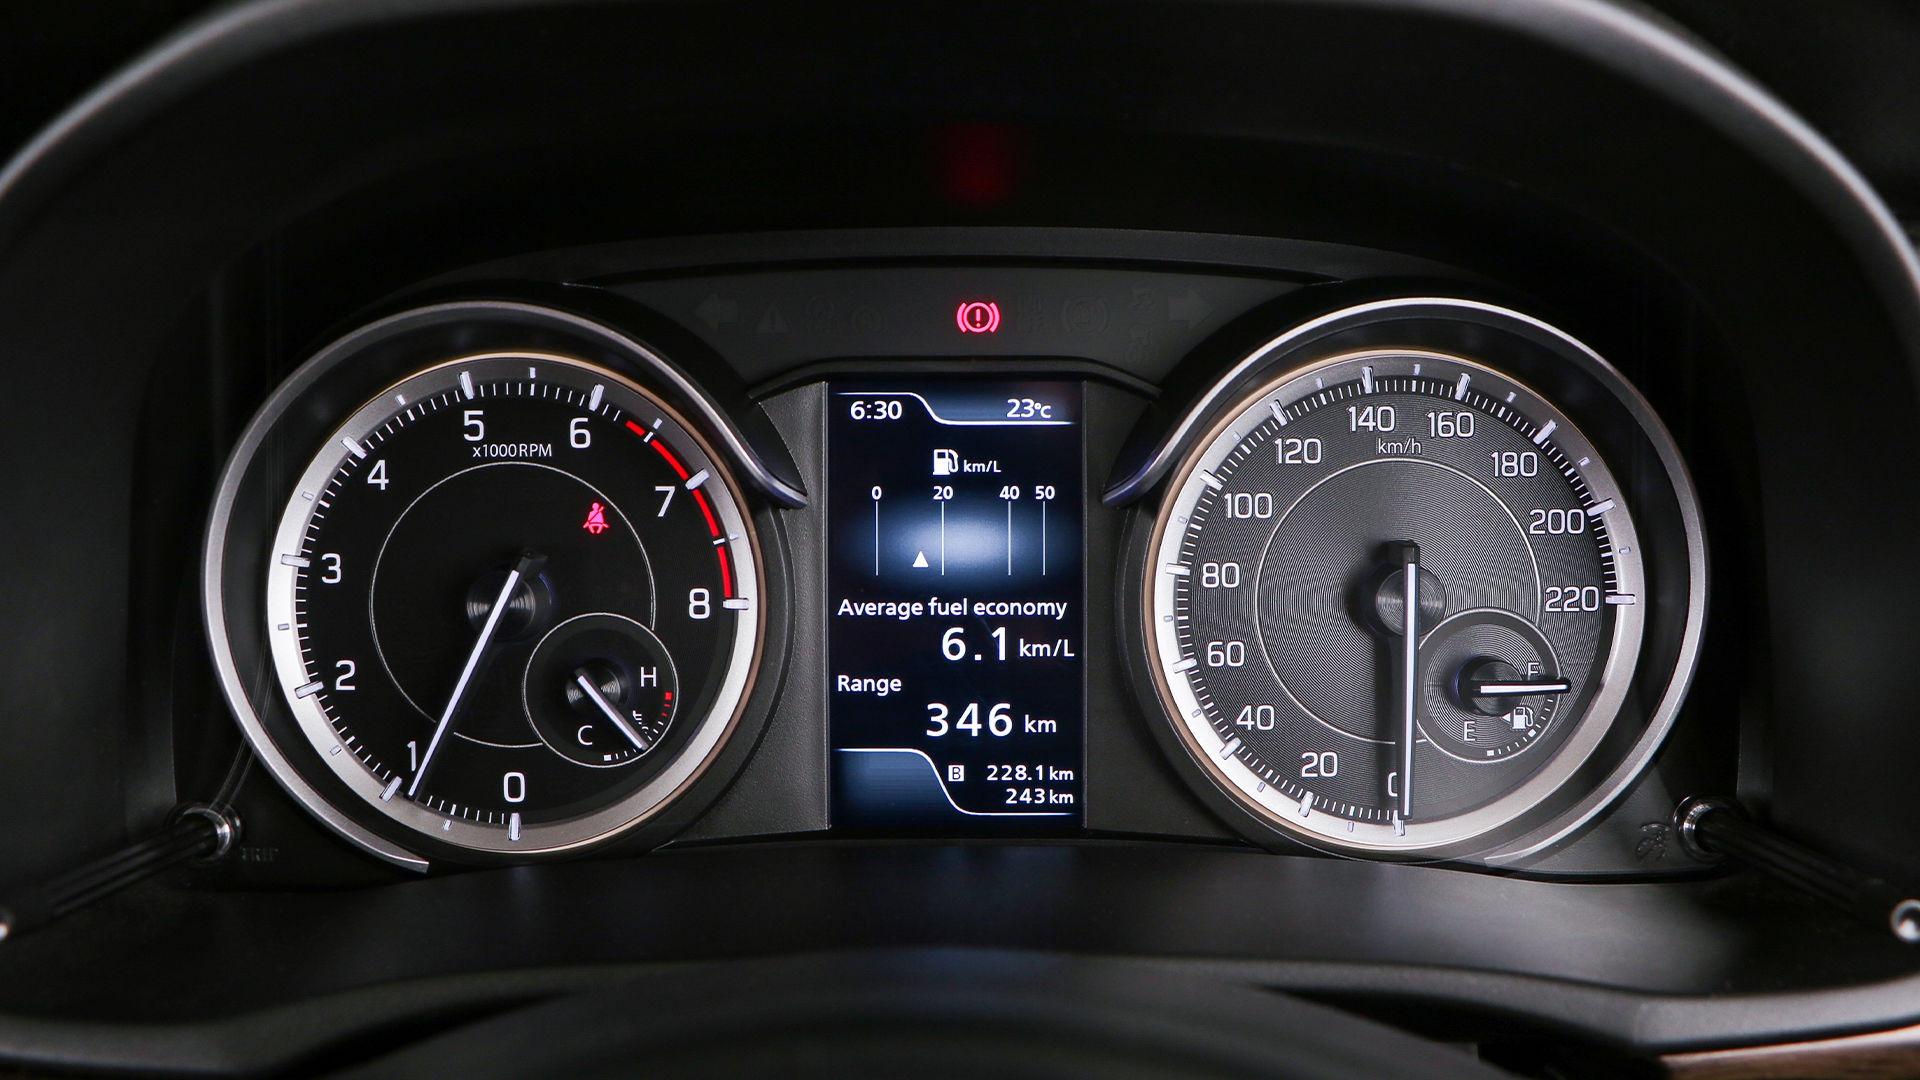 Toyota giới thiệu xe 7 chỗ mới tại Nam Phi - ảnh 3